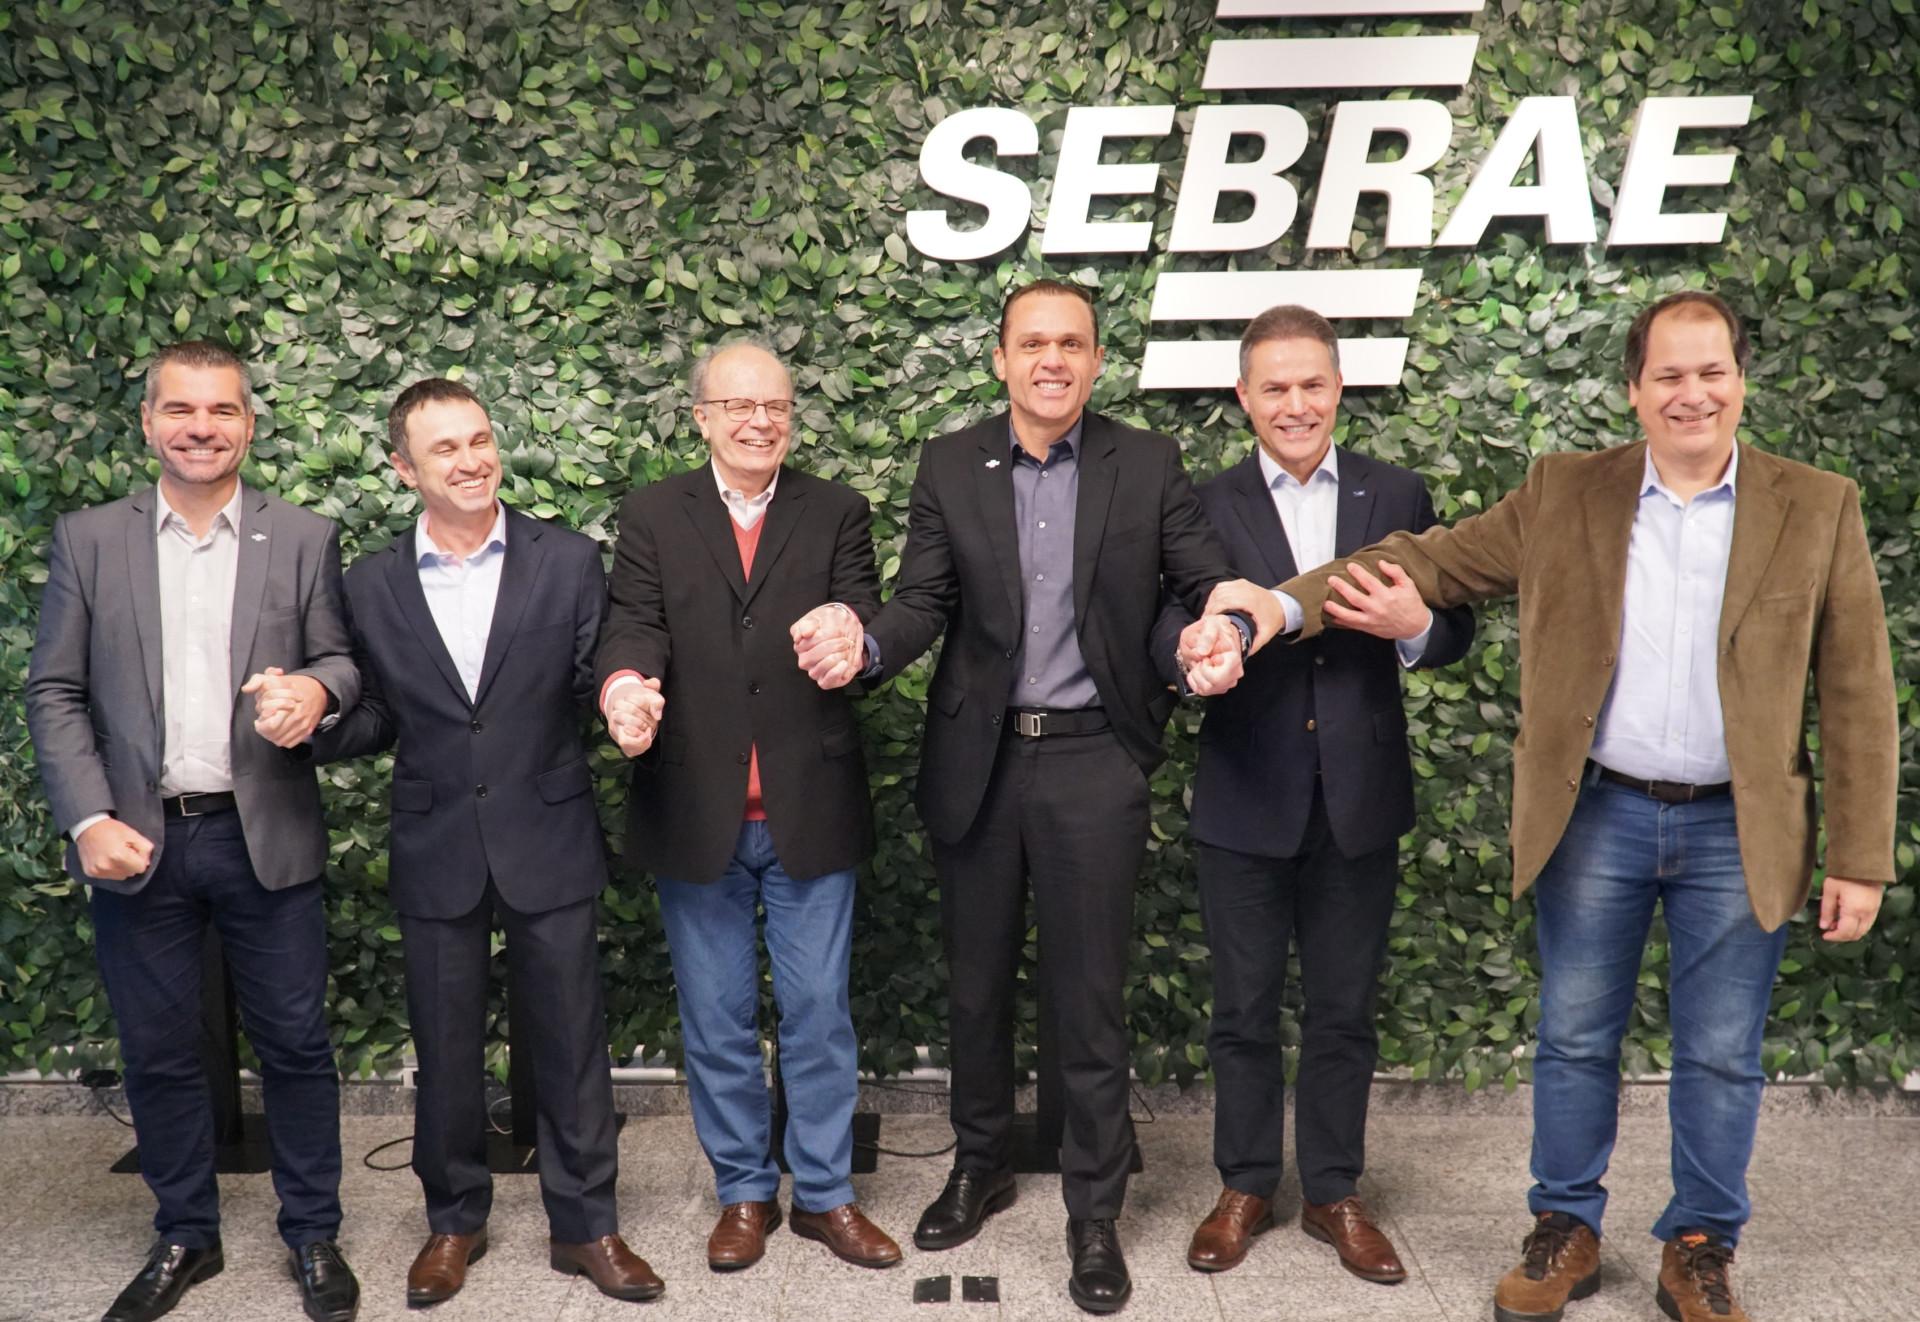 Visita ao Sebrae/RS